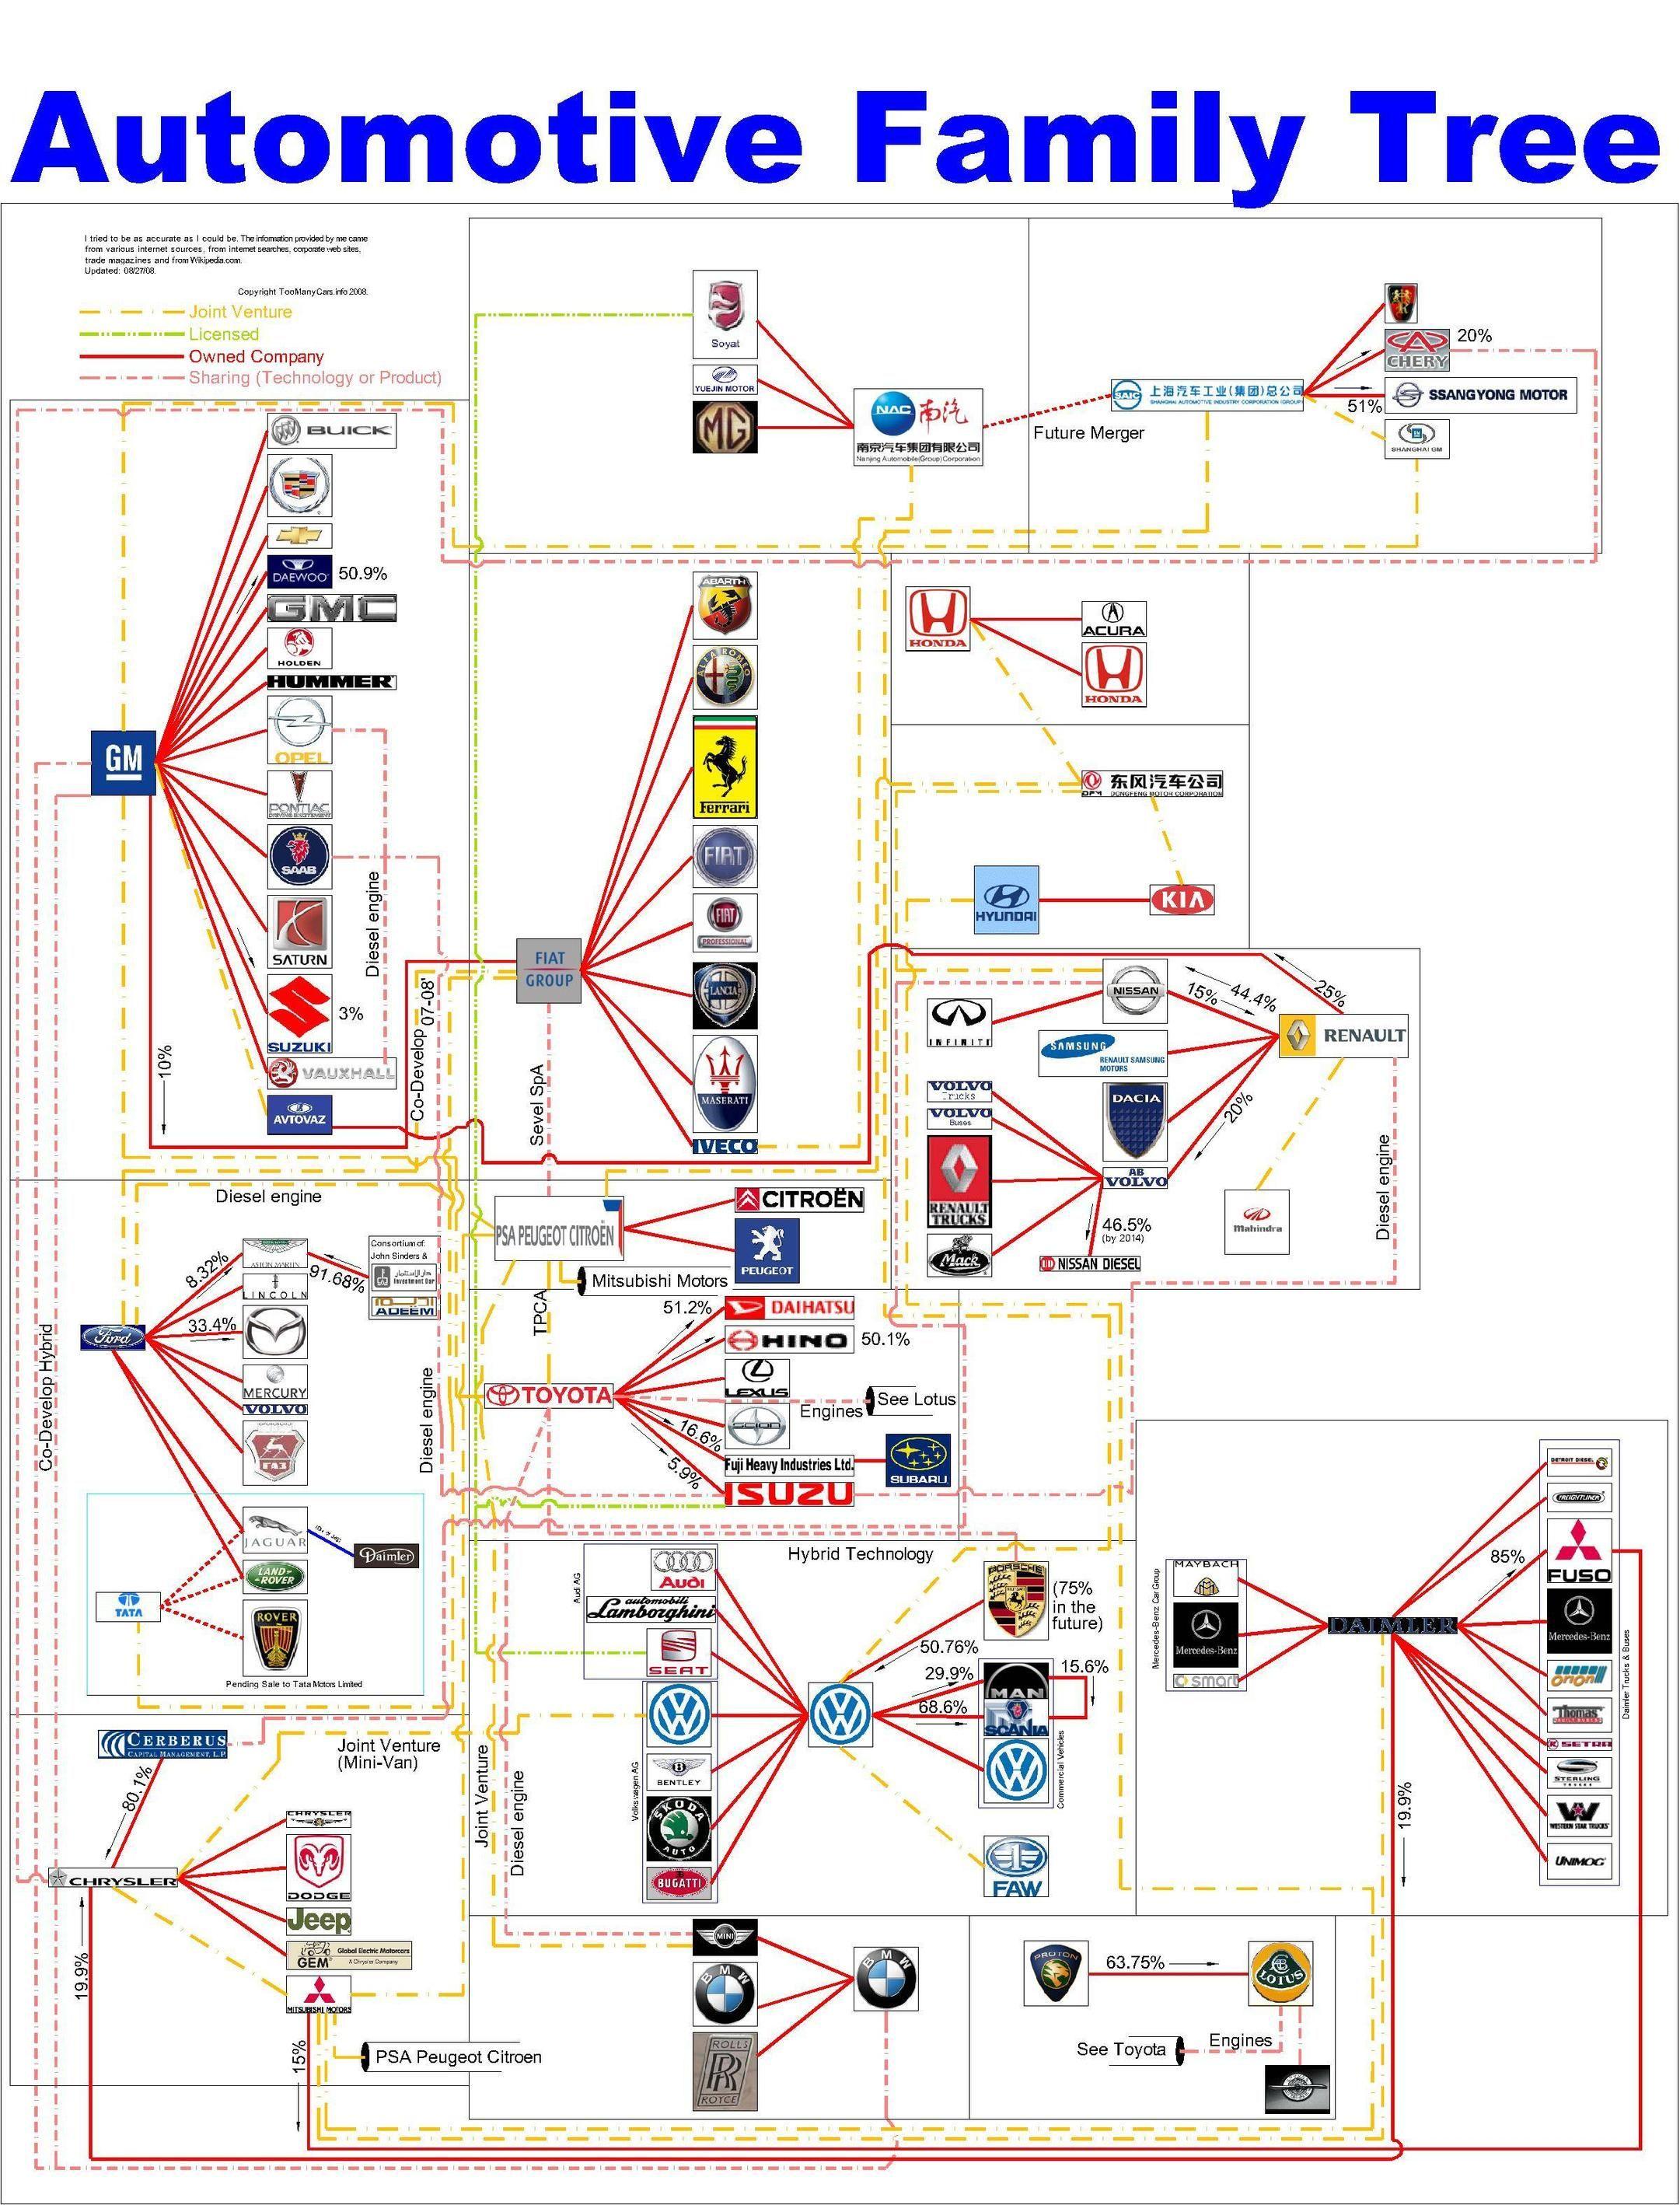 automotive family tree | Auto | Pinterest | Family trees, Cars and ...